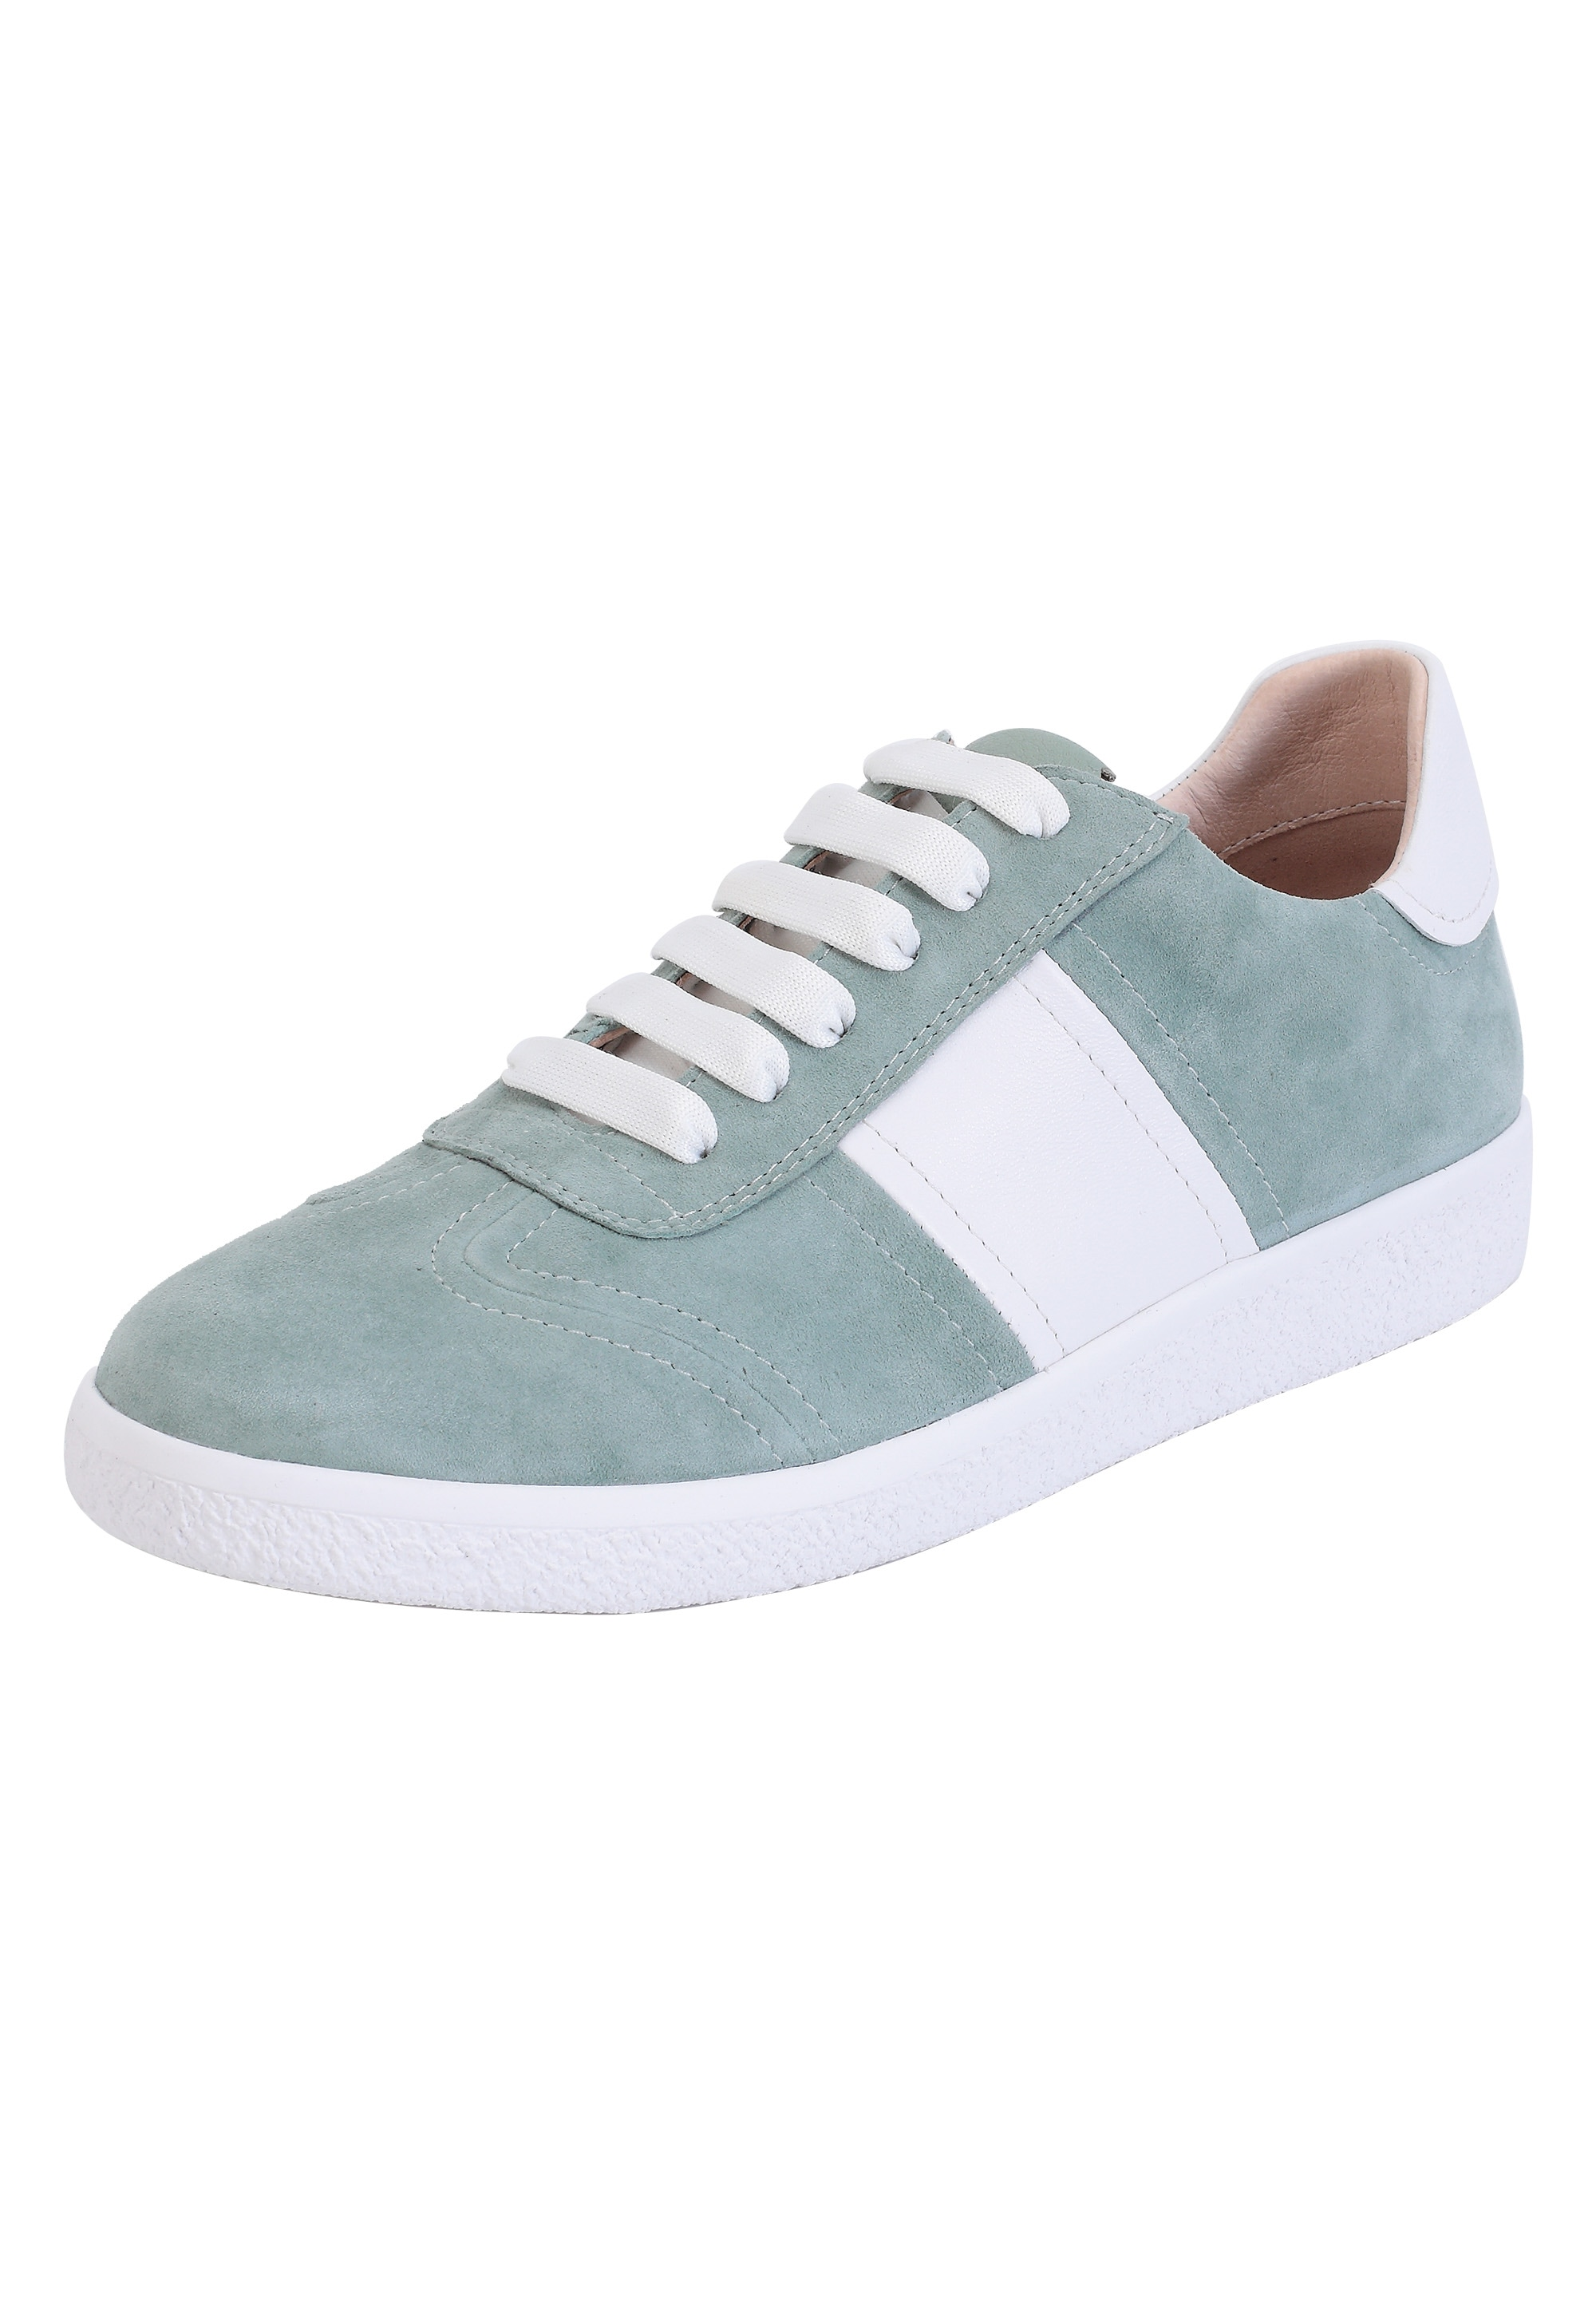 ekonika -  Sneaker, mit kontrastierenden Einsätzen